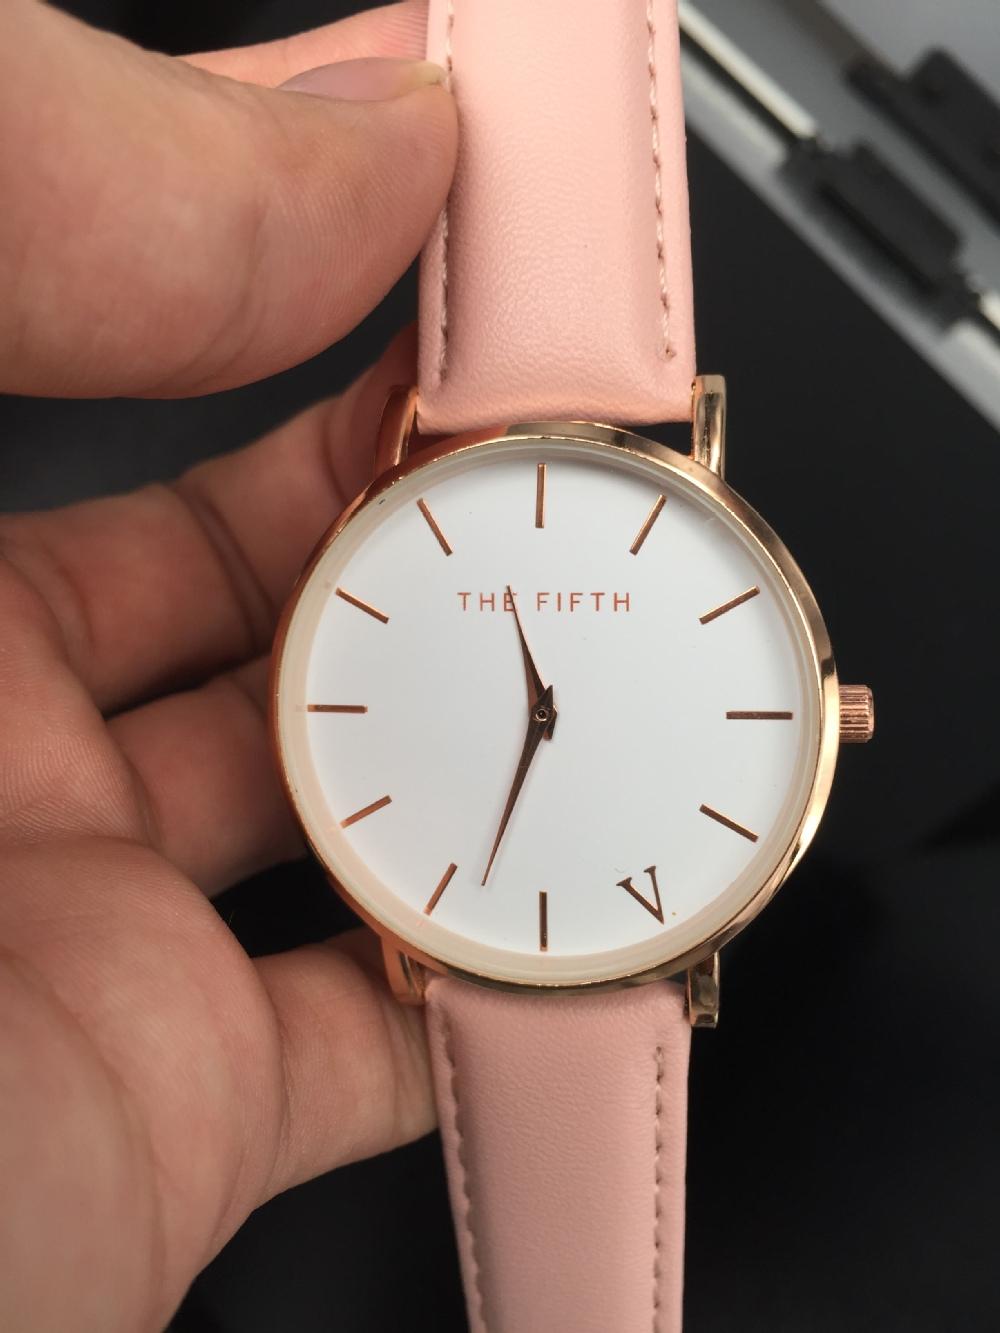 Пятая сетка бренда смотреть простоту классические наручные часы мода случайных кварцевые наручные часы высокое качество женщин смотреть женские часы